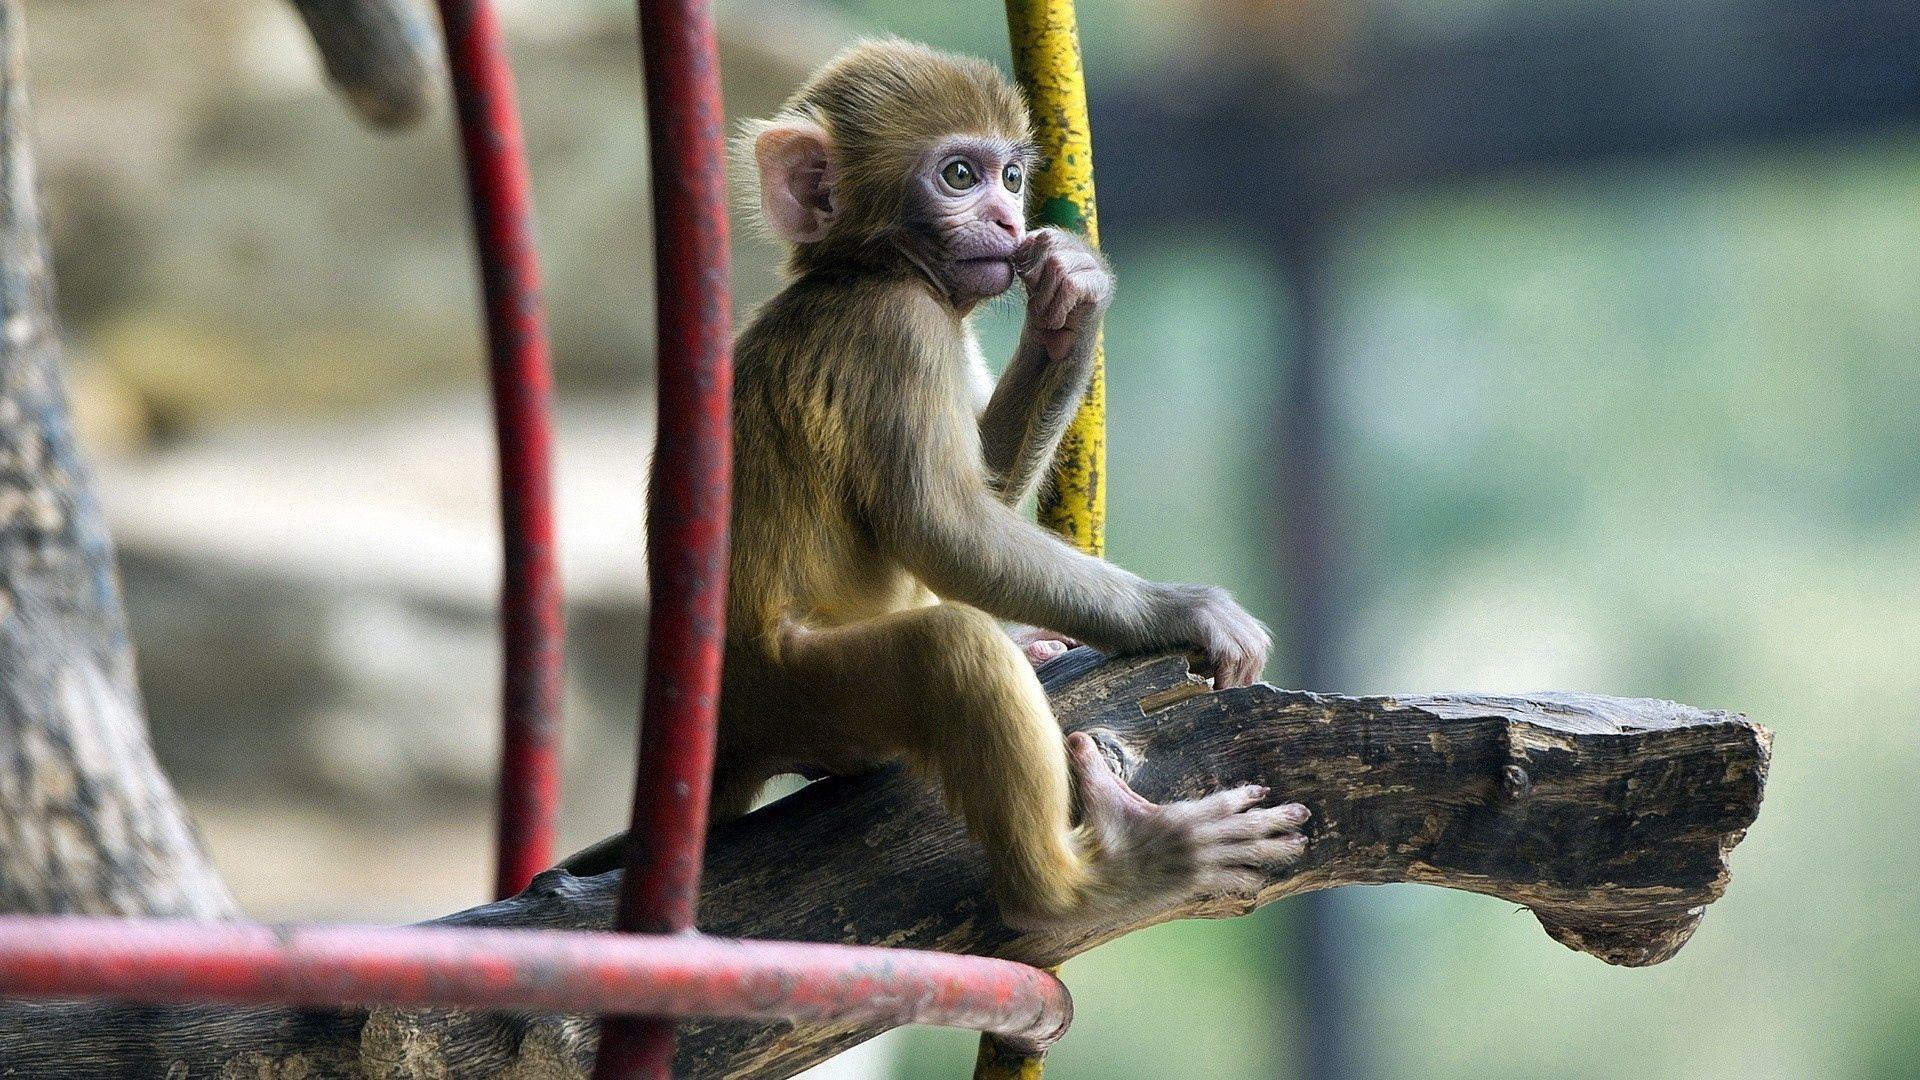 143786 Hintergrundbild 540x960 kostenlos auf deinem Handy, lade Bilder Tiere, Sitzen, Ein Affe, Affe, Kind, Tot, Marmoset 540x960 auf dein Handy herunter